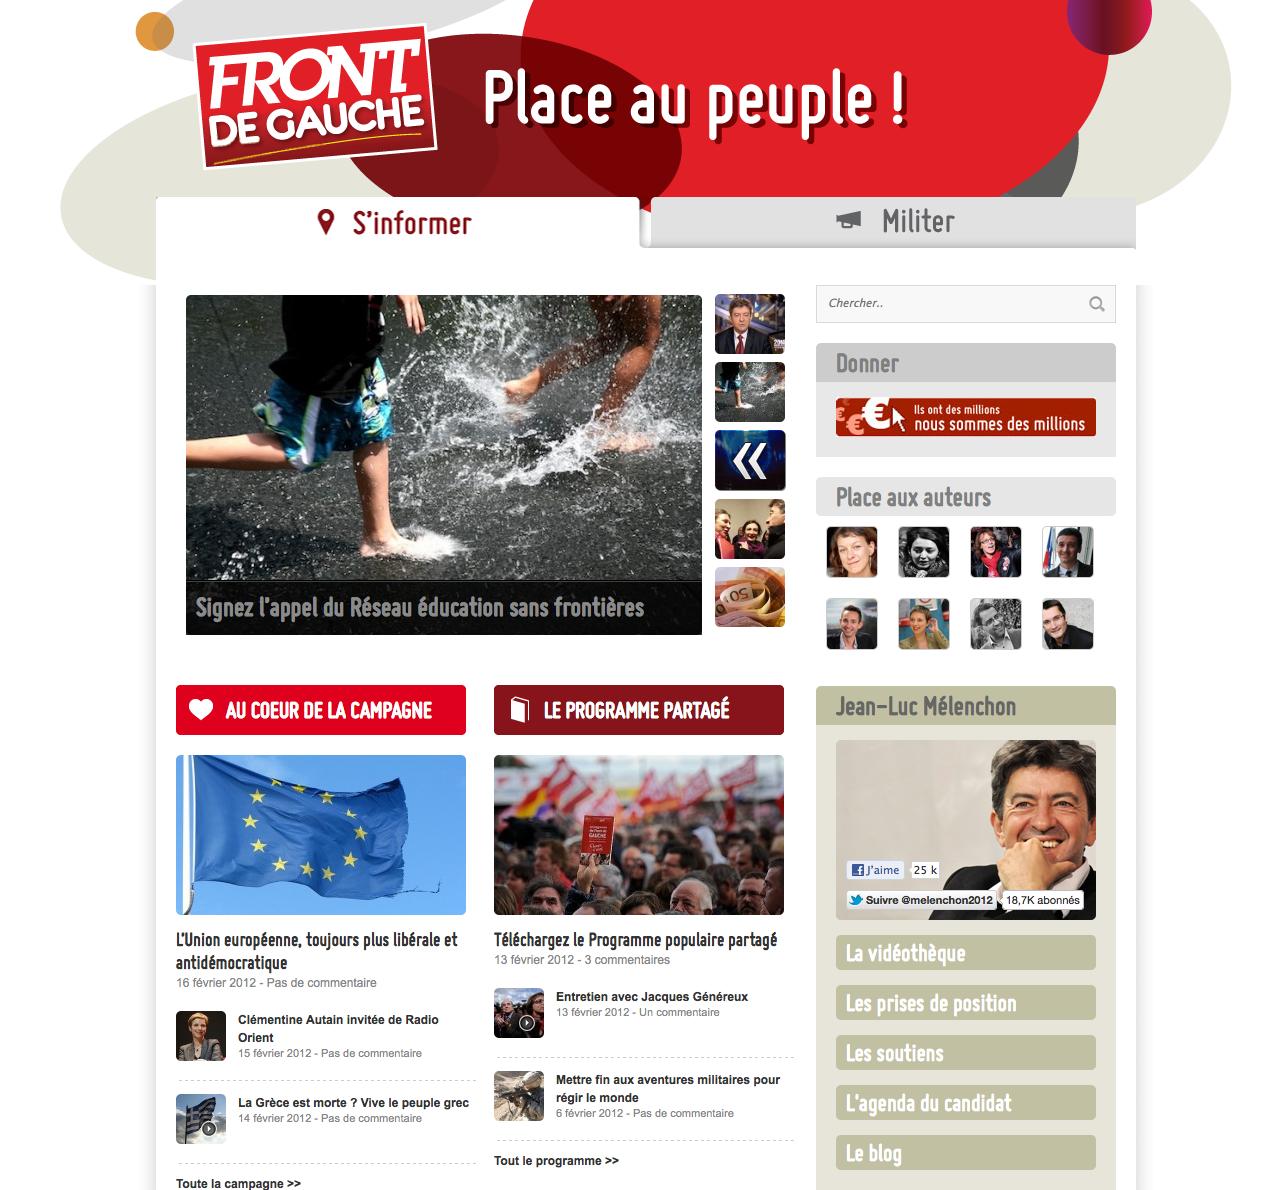 Site du candidat Jean Luc Mélanchon - Front de gauche